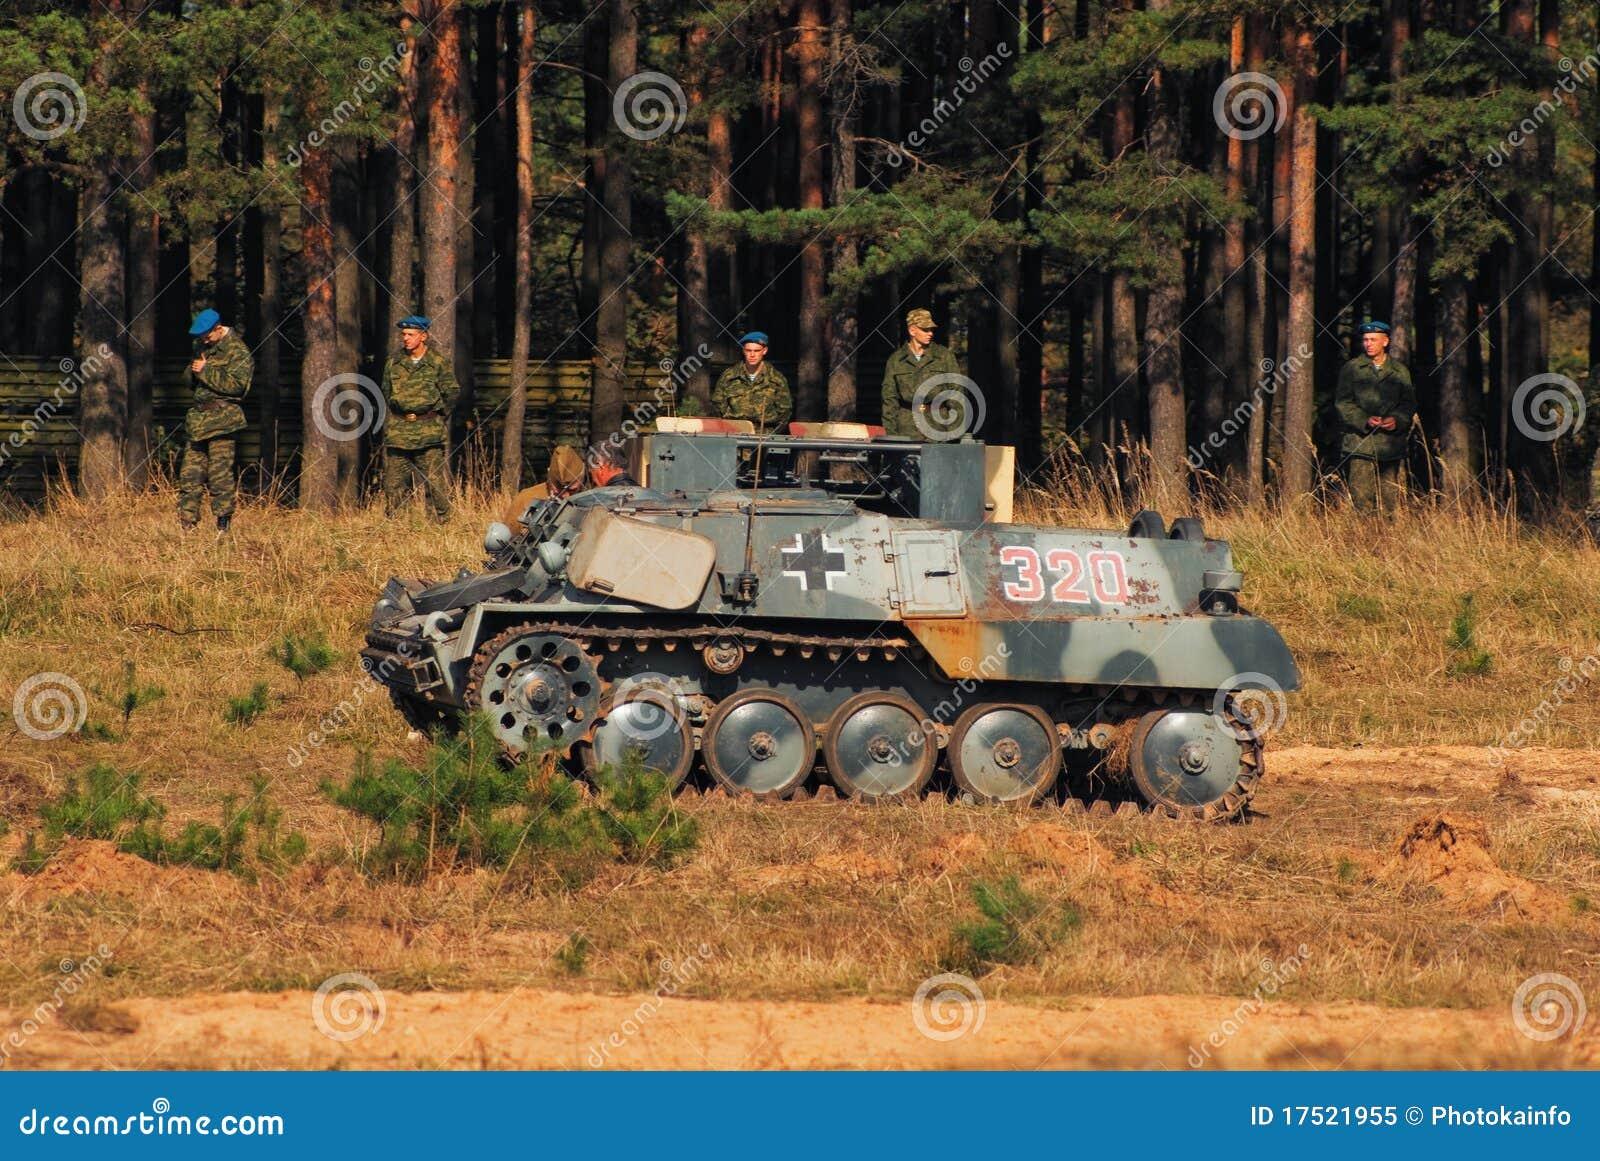 Extrêmement Camouflage allemand ww2 photos stock - Inscription Gratuite US81